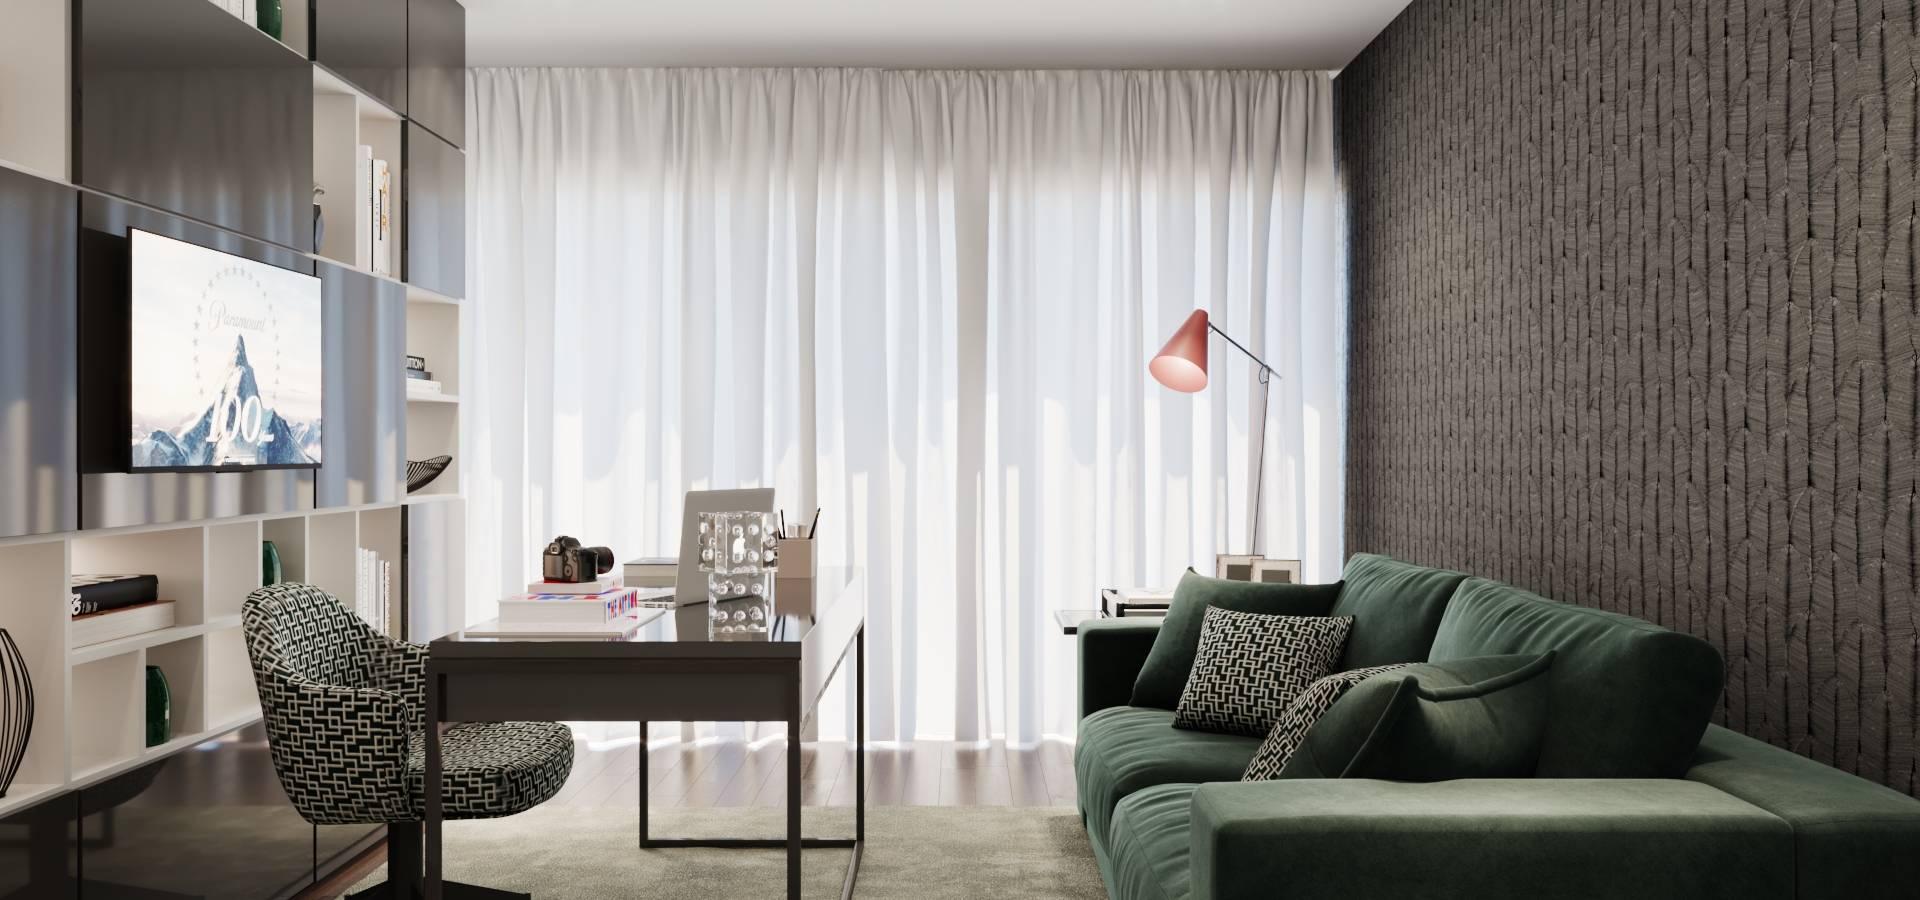 WoodSpace – Design de Interiores